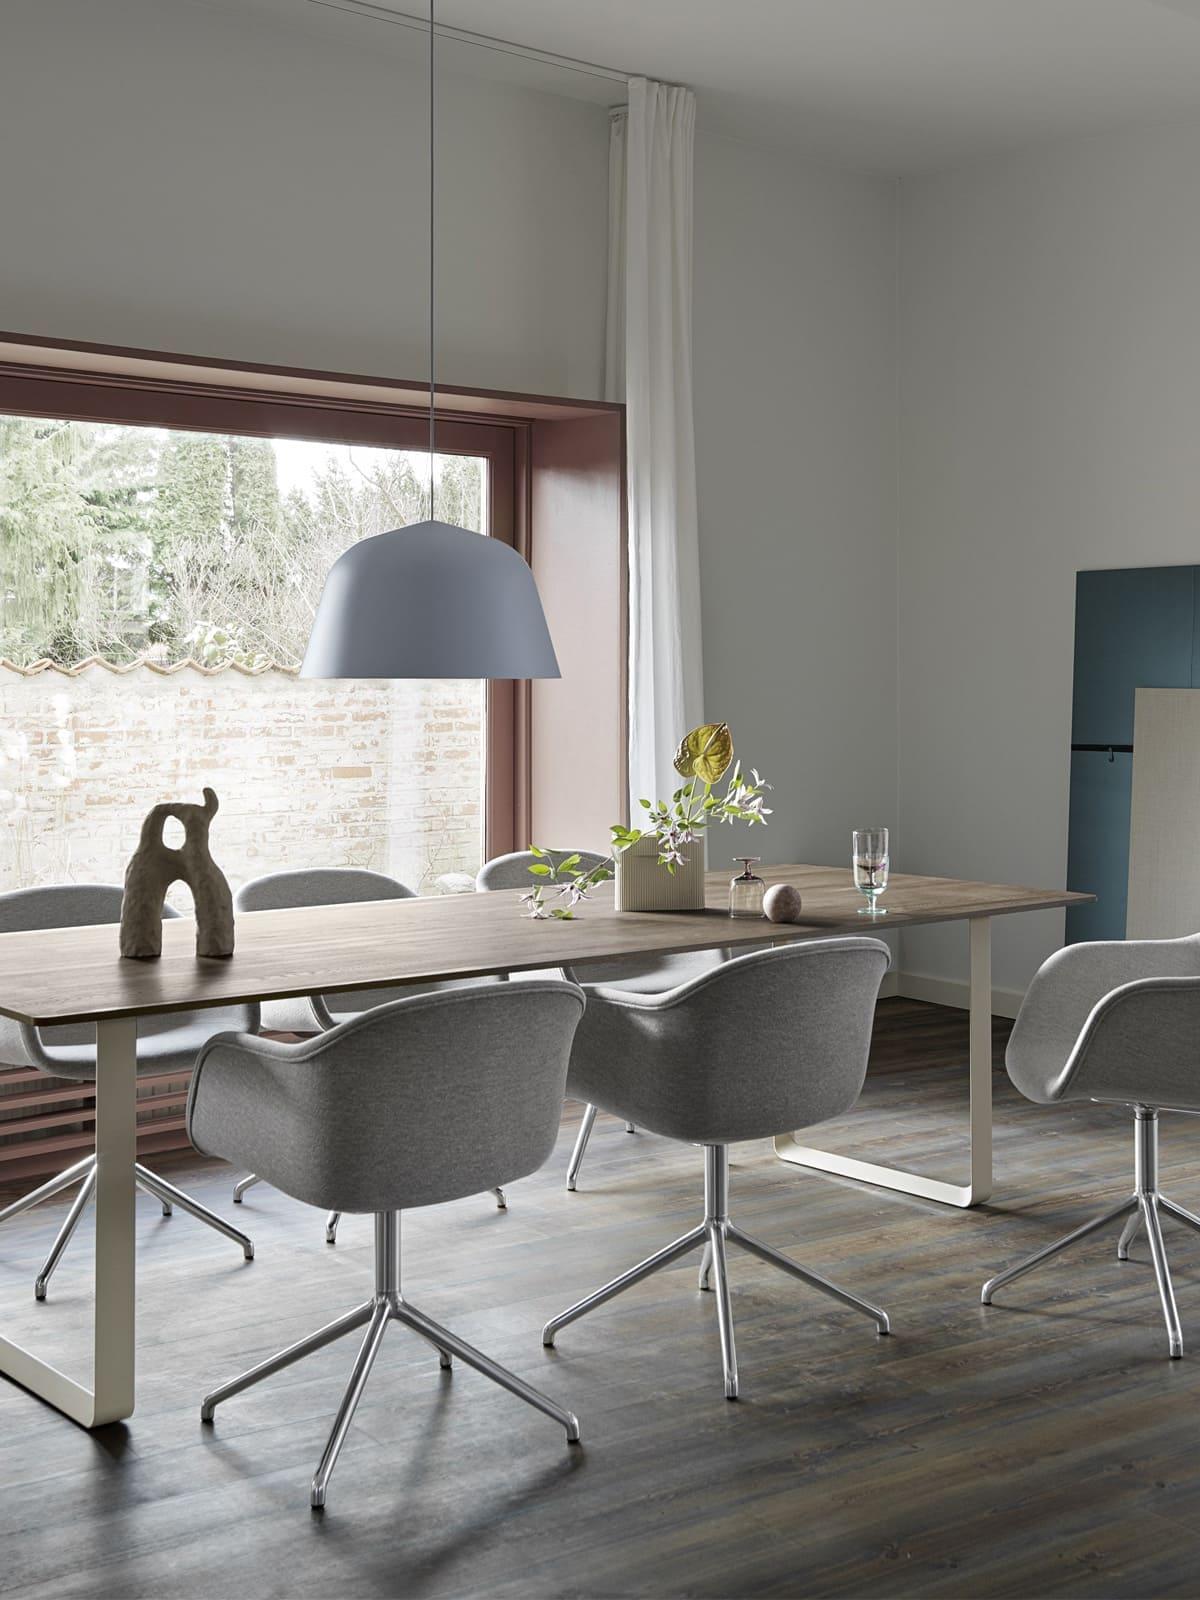 muuto Ambit Pendelleuchte modernes dänisches Design DesignOrt Lampen Berlin